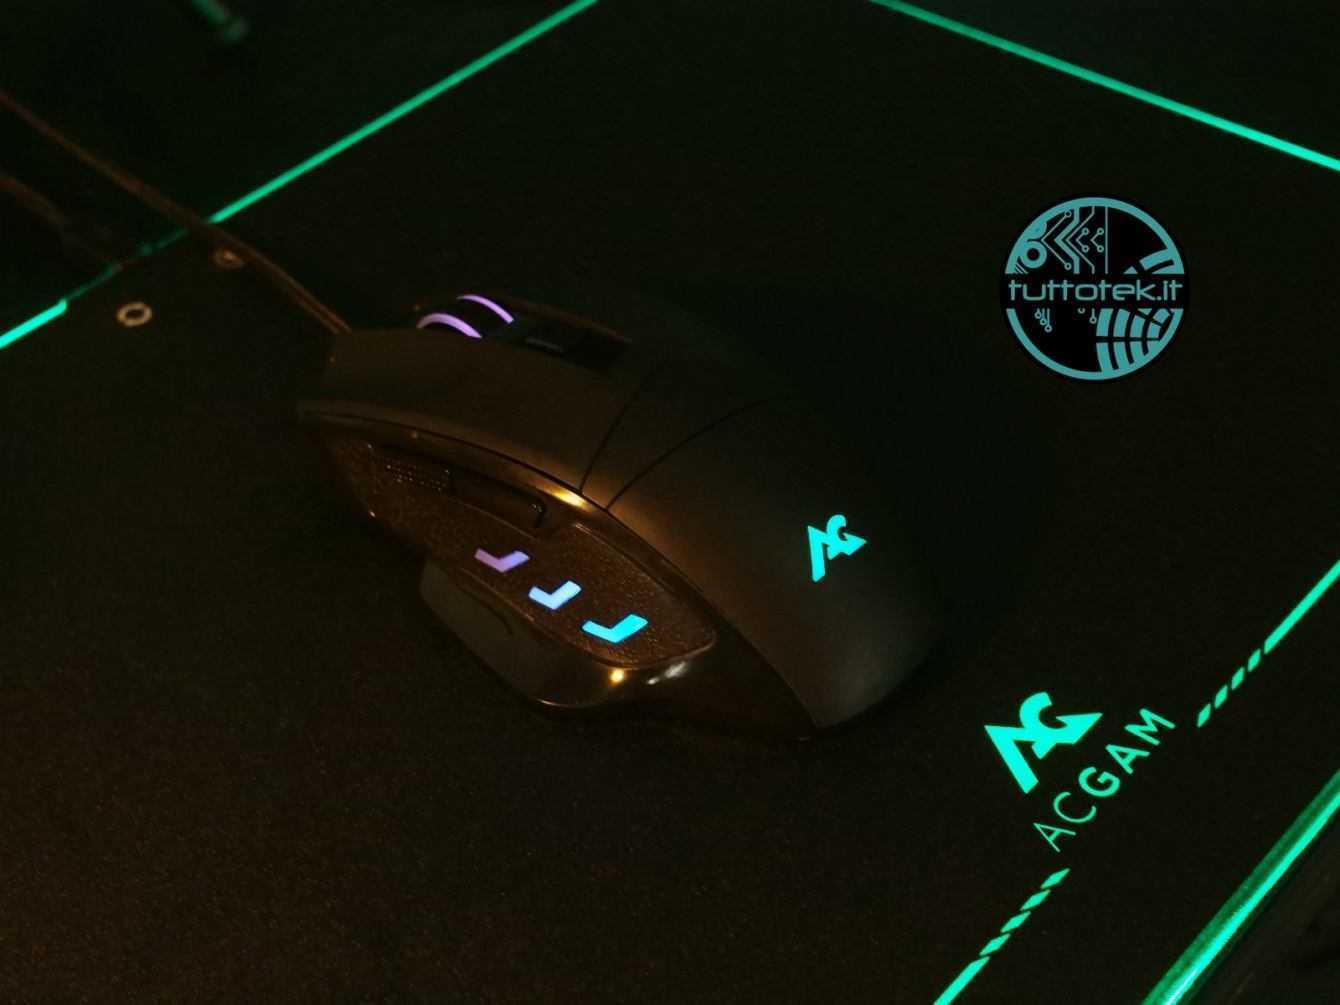 Recensione ACGAM P08 e G402: tappetino e mouse da gaming per tutti